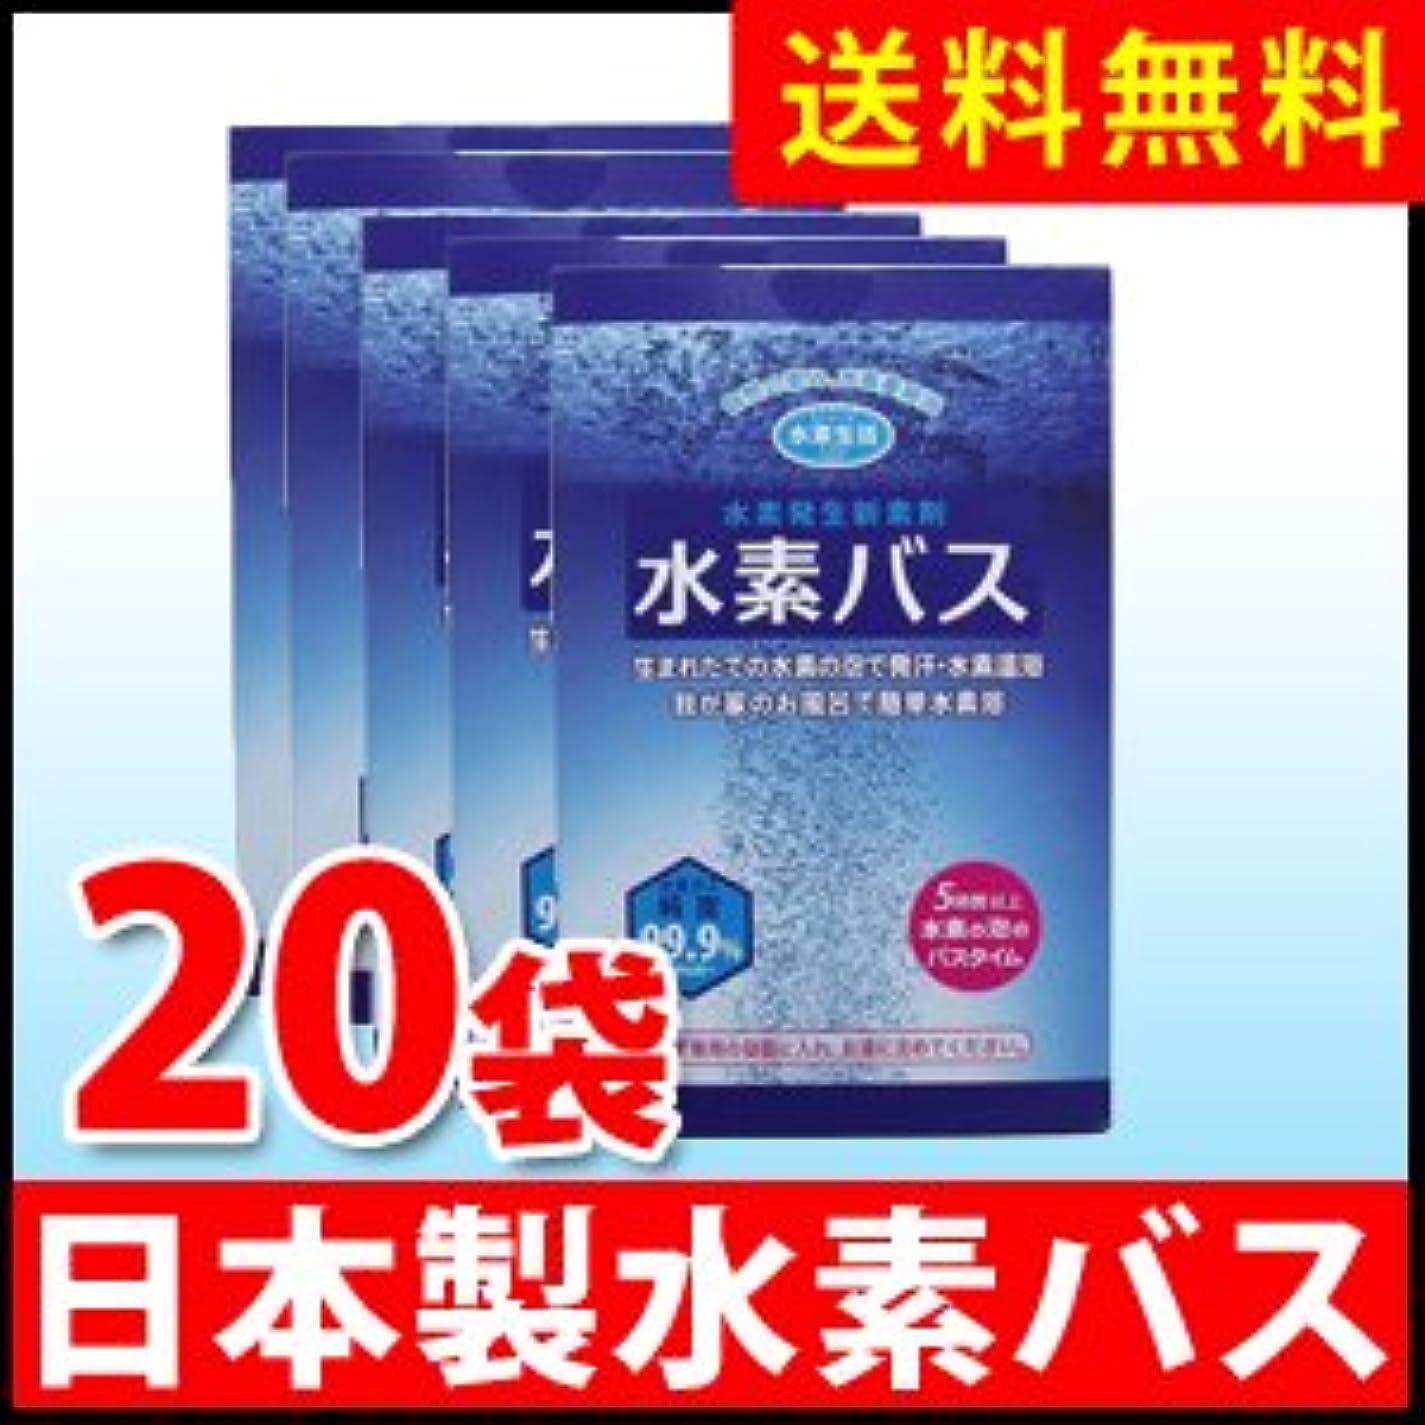 待って提唱する放散する【日本製】水素バブルバス【20個SET】 水素水 入浴剤